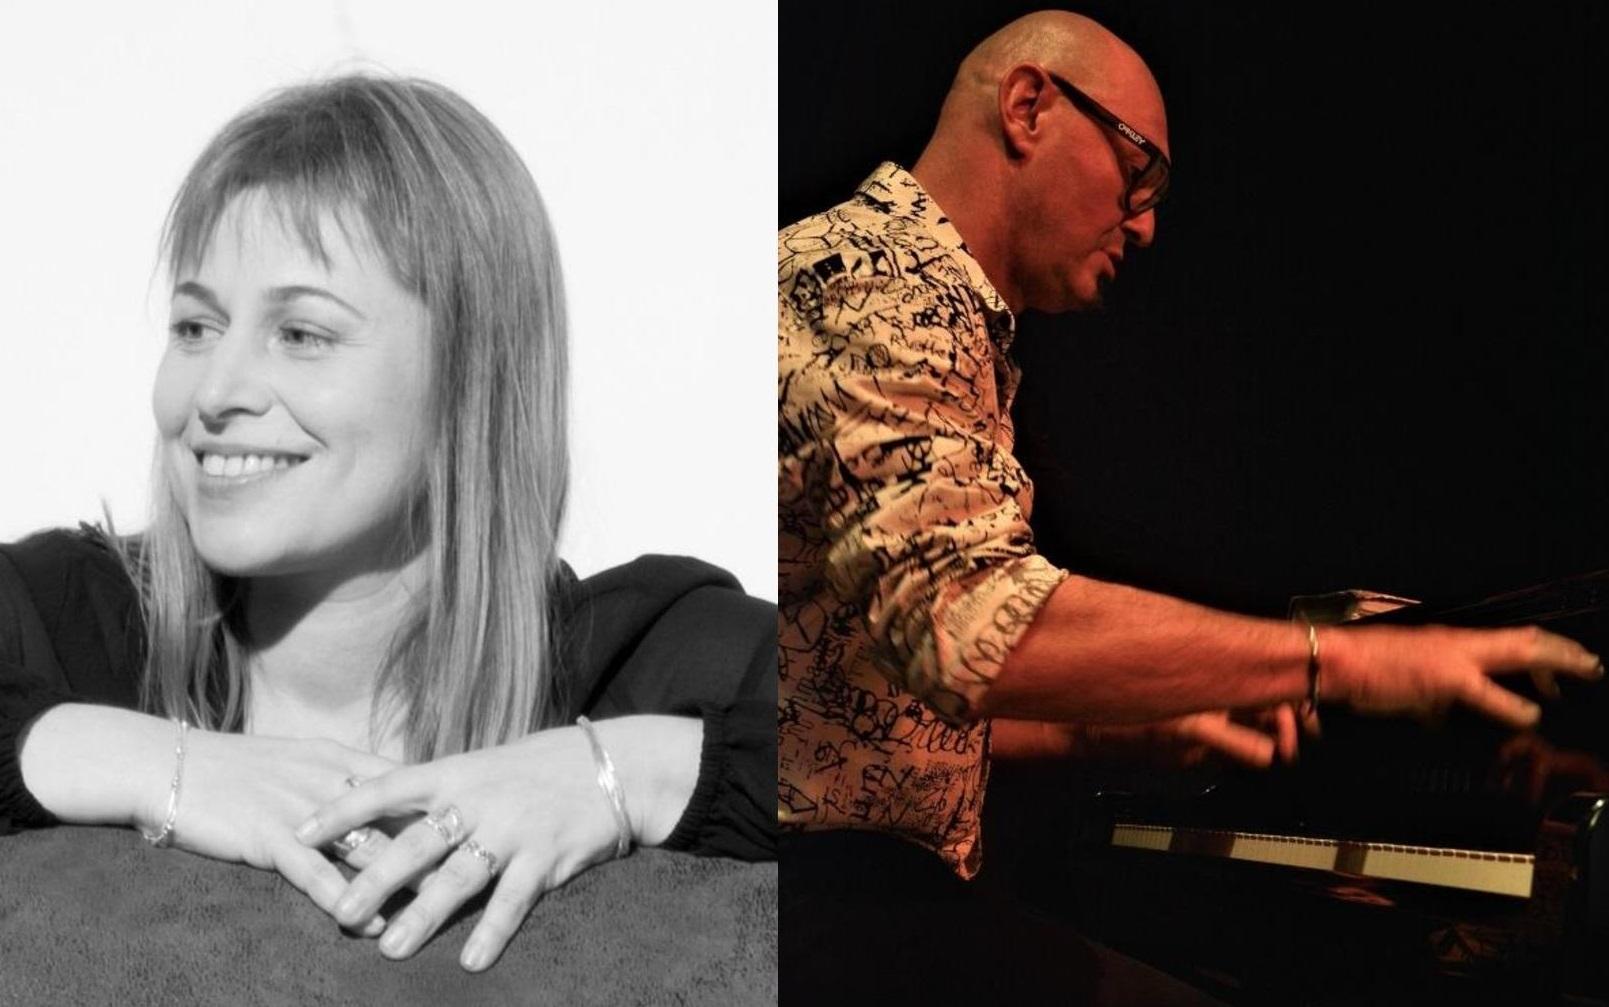 Swaël Quartet & Thielman Derek Trio